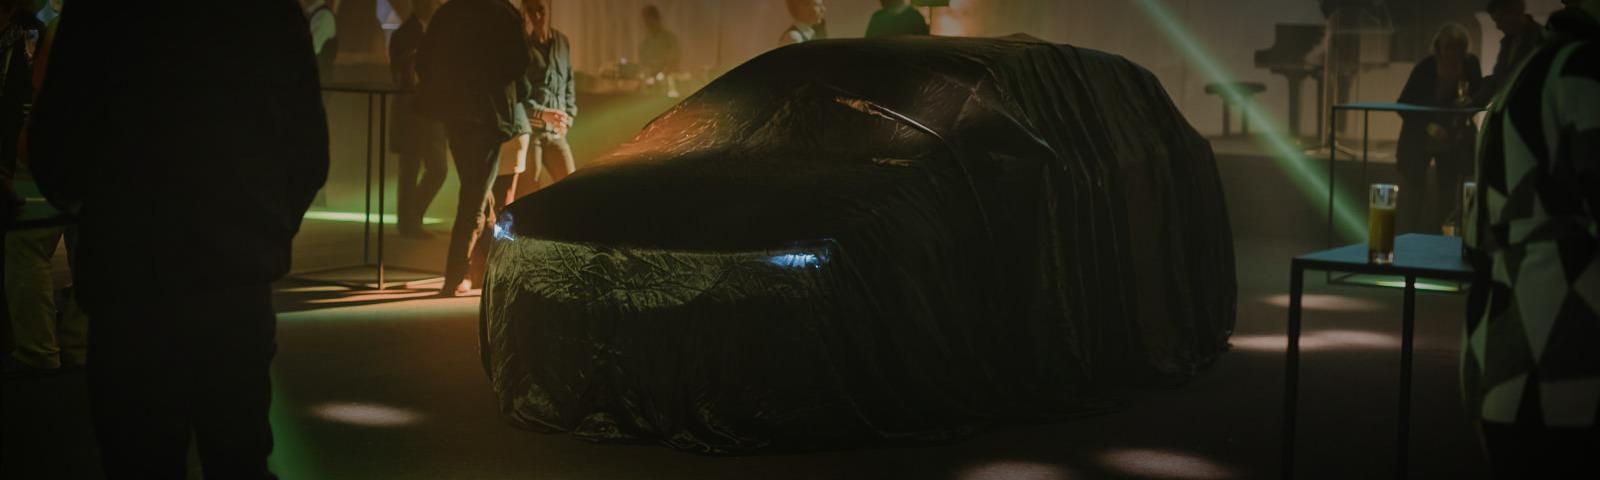 Organisation d'une soirée de présentation pour la nouvelle Opel Astra (Opel Declerc)